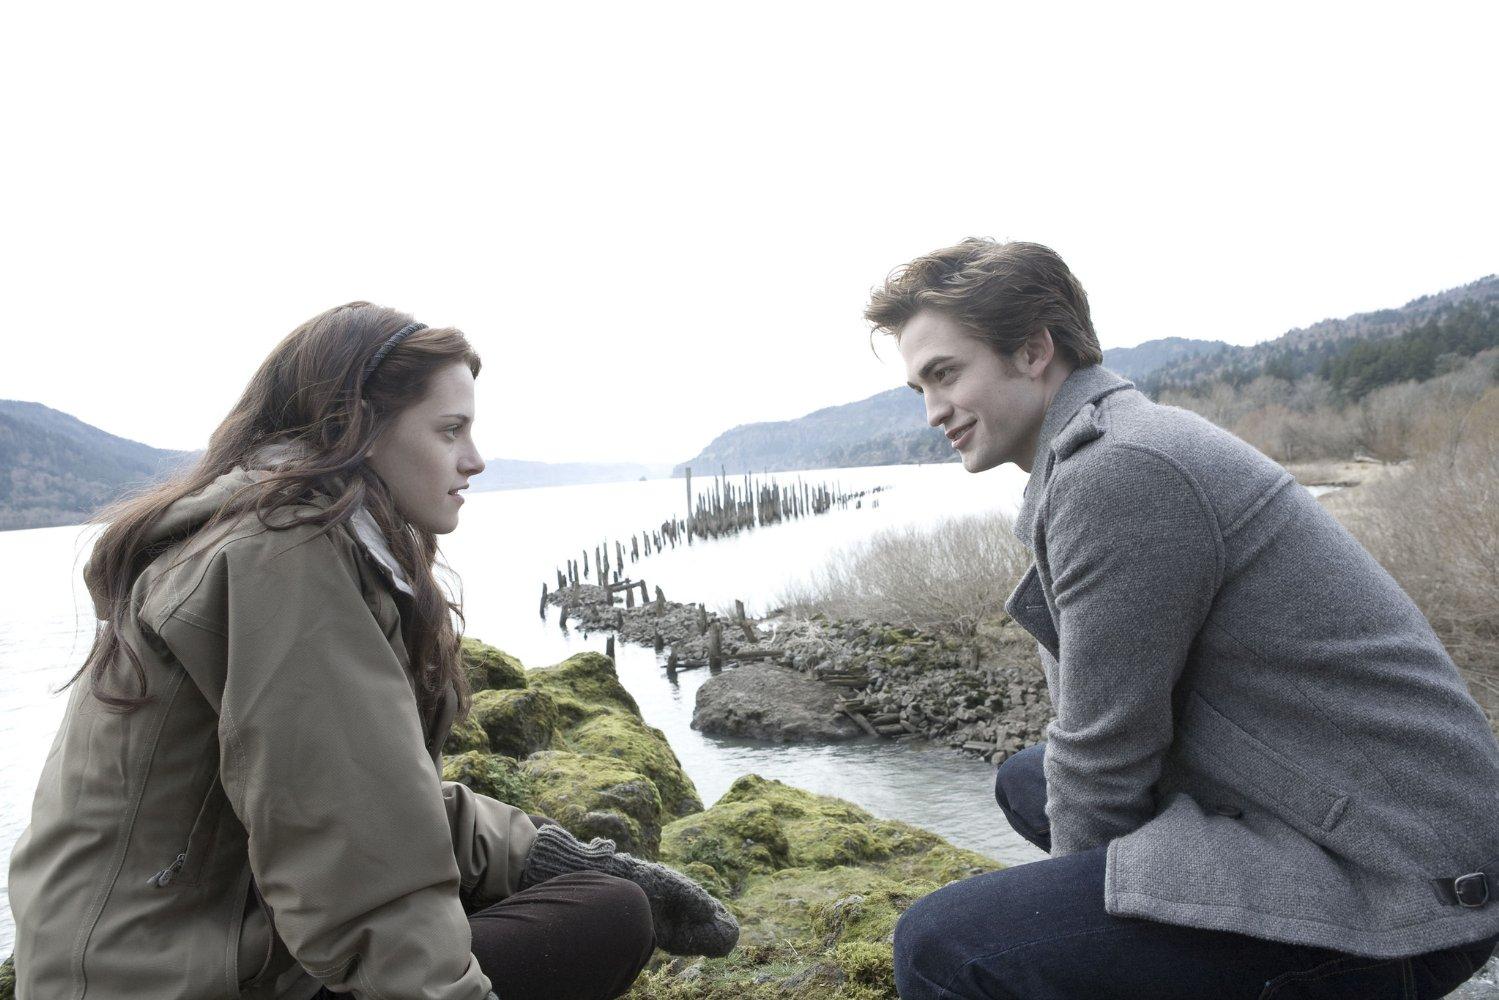 Alacakaranlık/Twilight – Isabella ve Edward'ın Çekiciliği (2008)